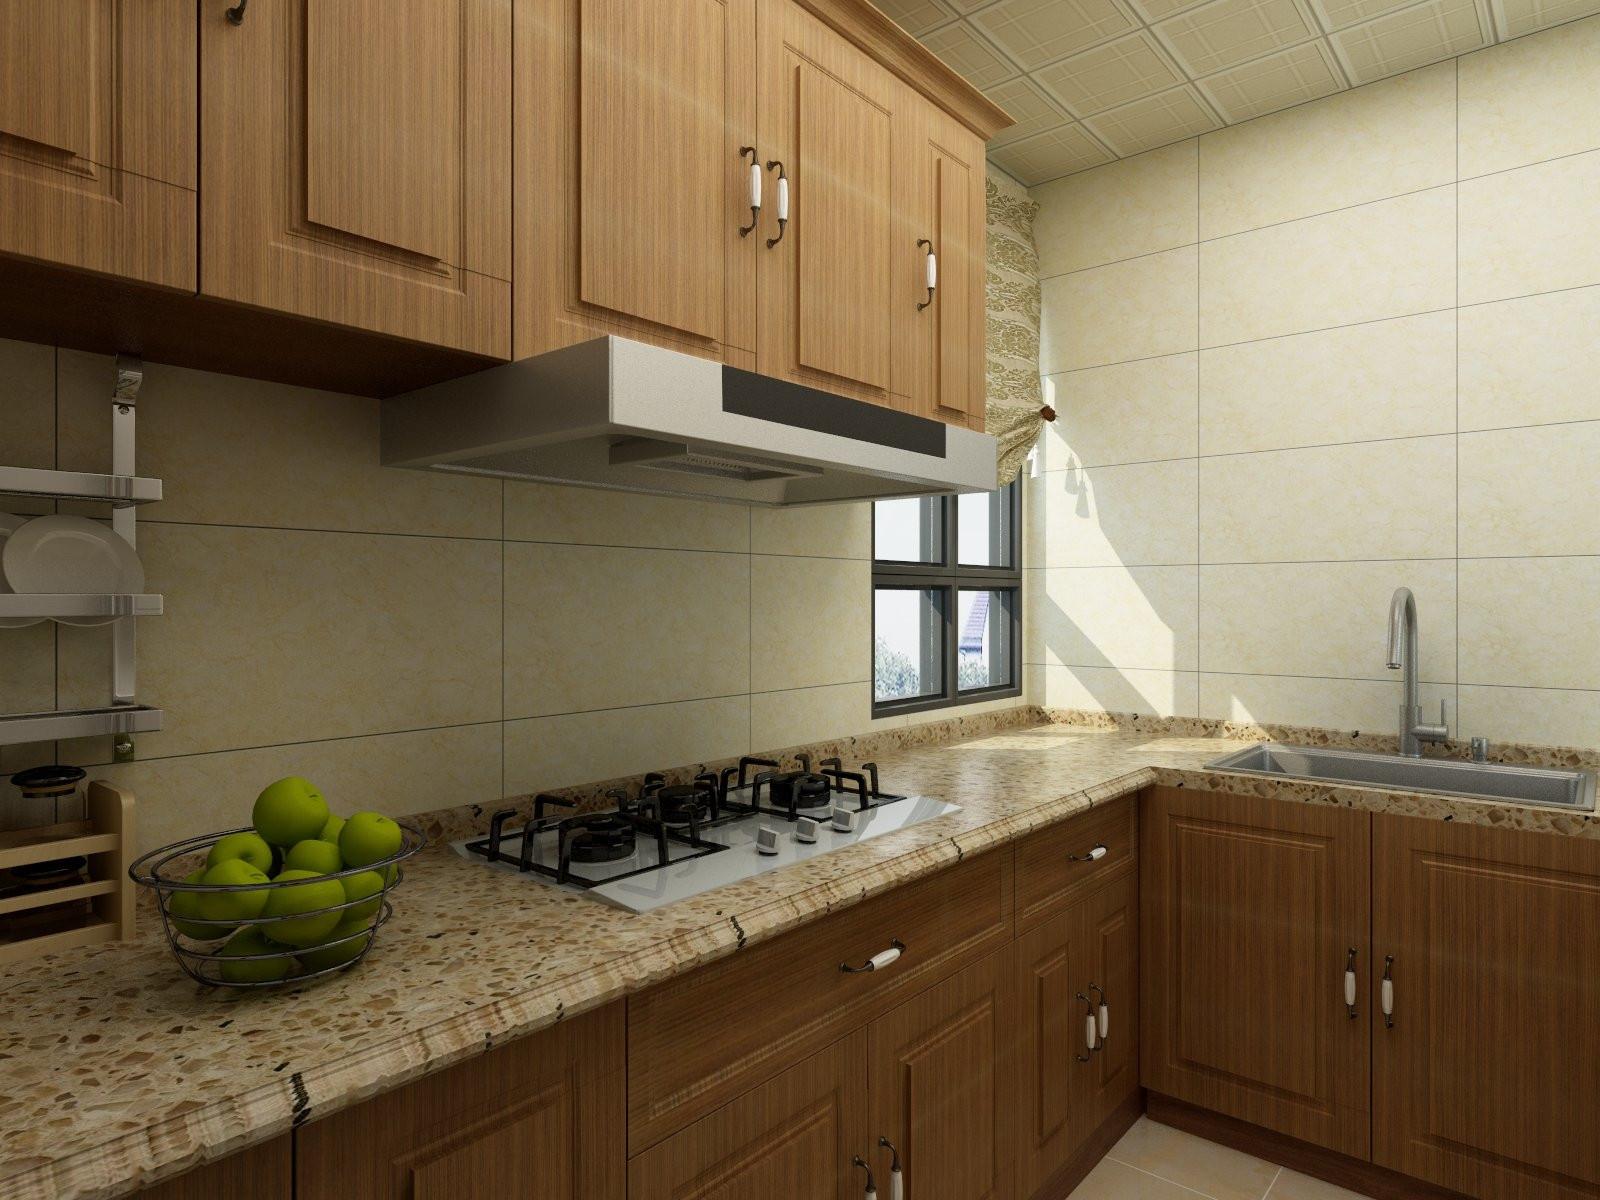 欧式三居装修厨房效果图